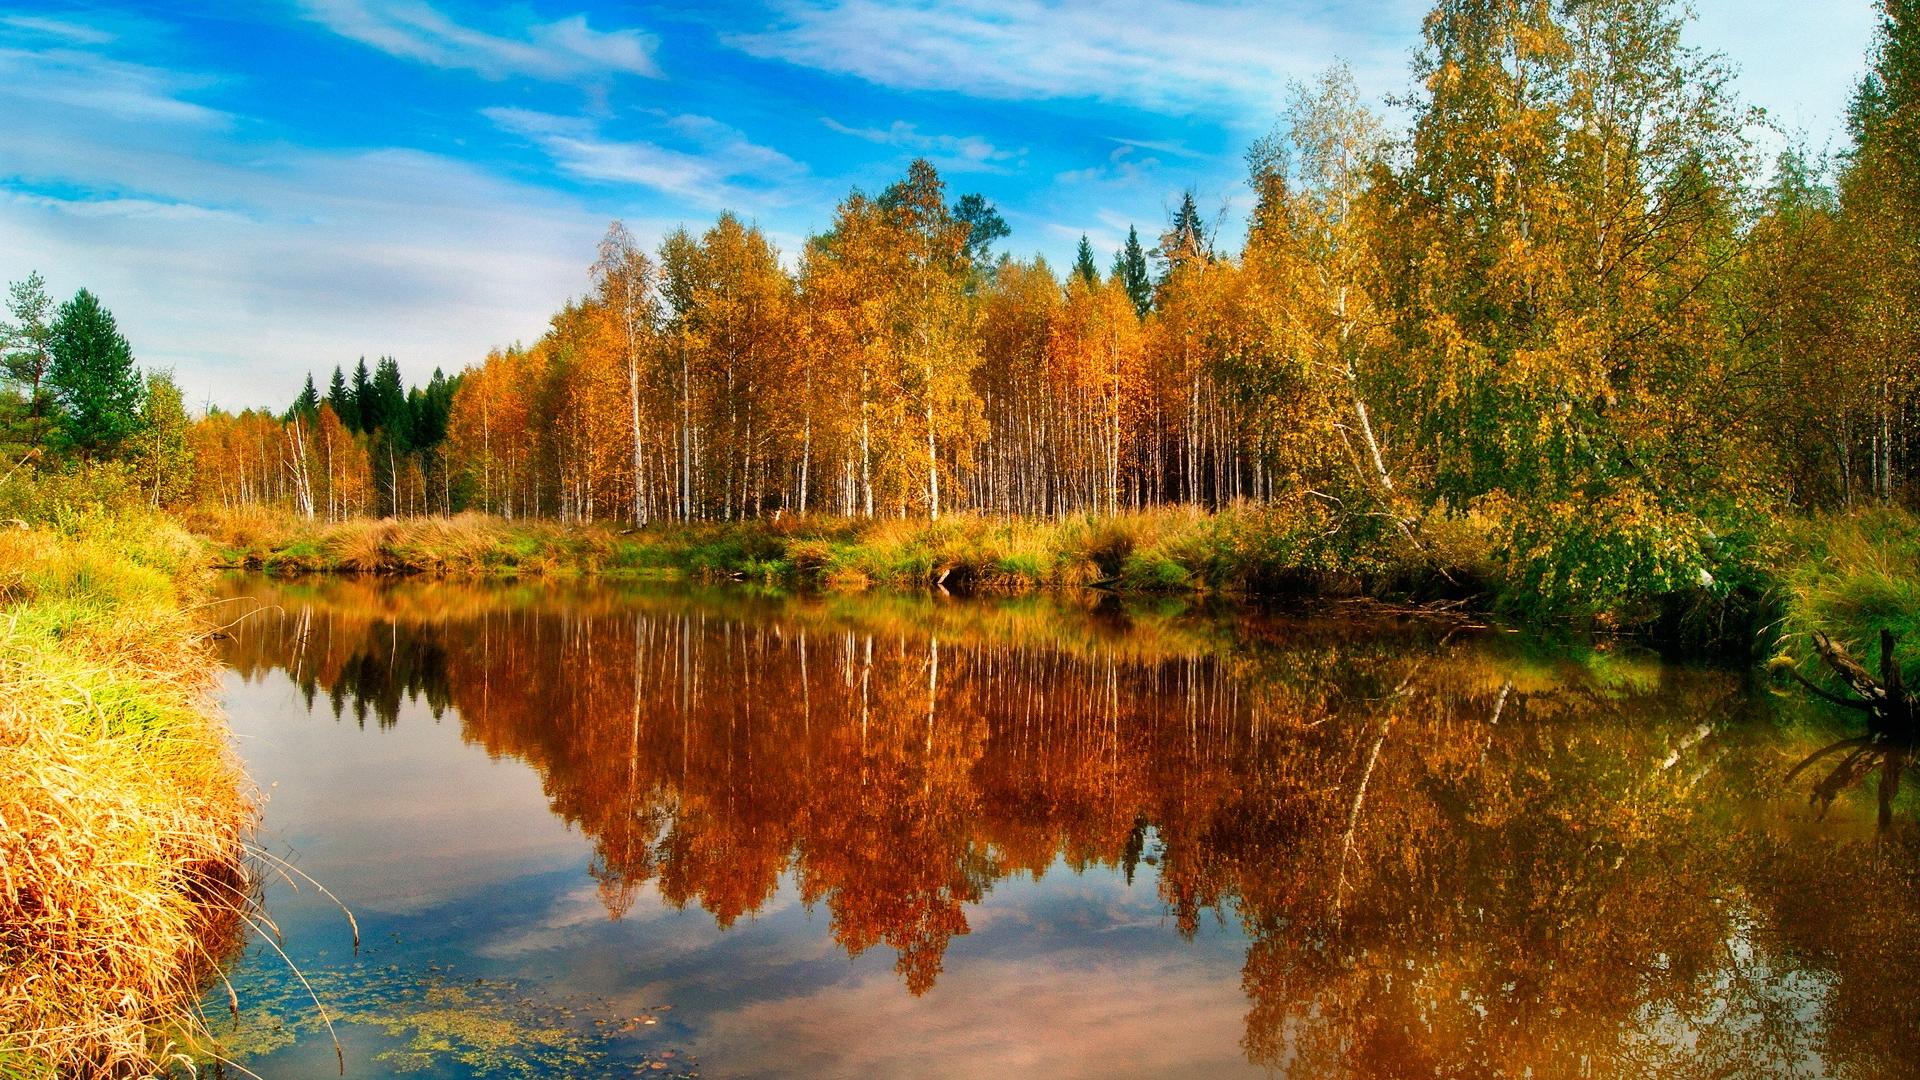 http://images.vfl.ru/ii/1409131318/7028a529/6140774.jpg